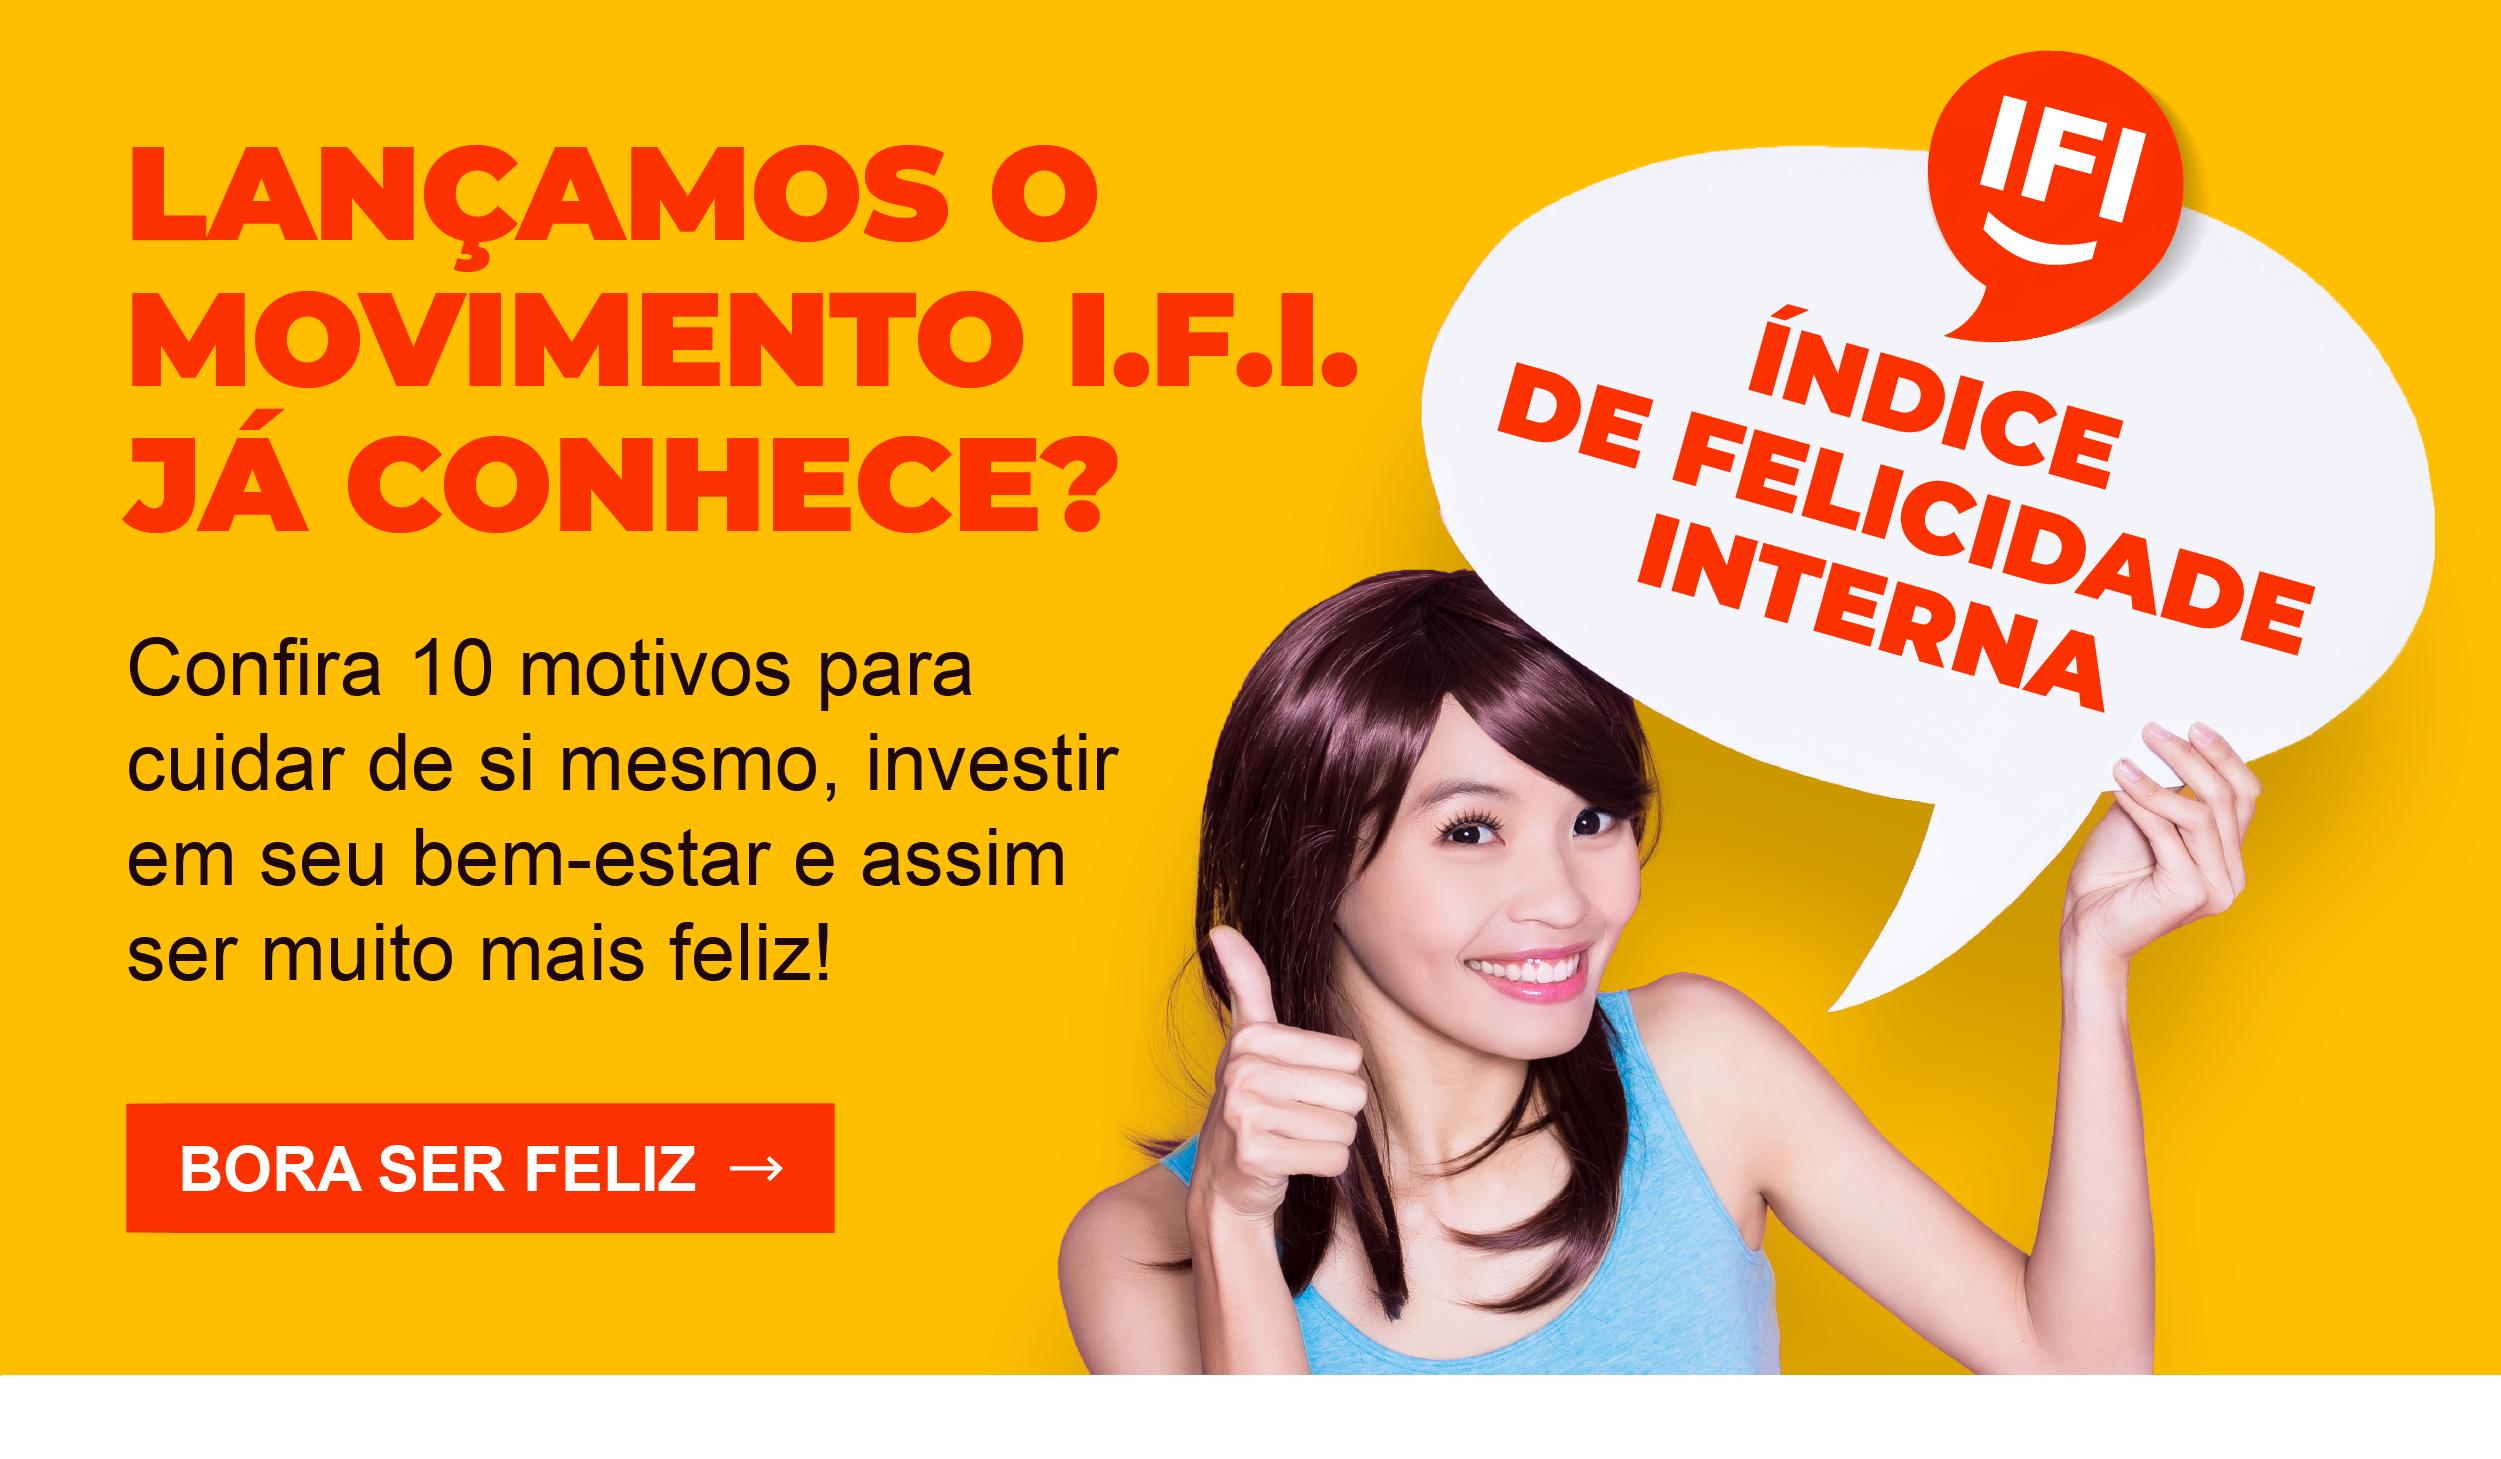 Campanha: I.F.I - Índice de Felicidade Interna